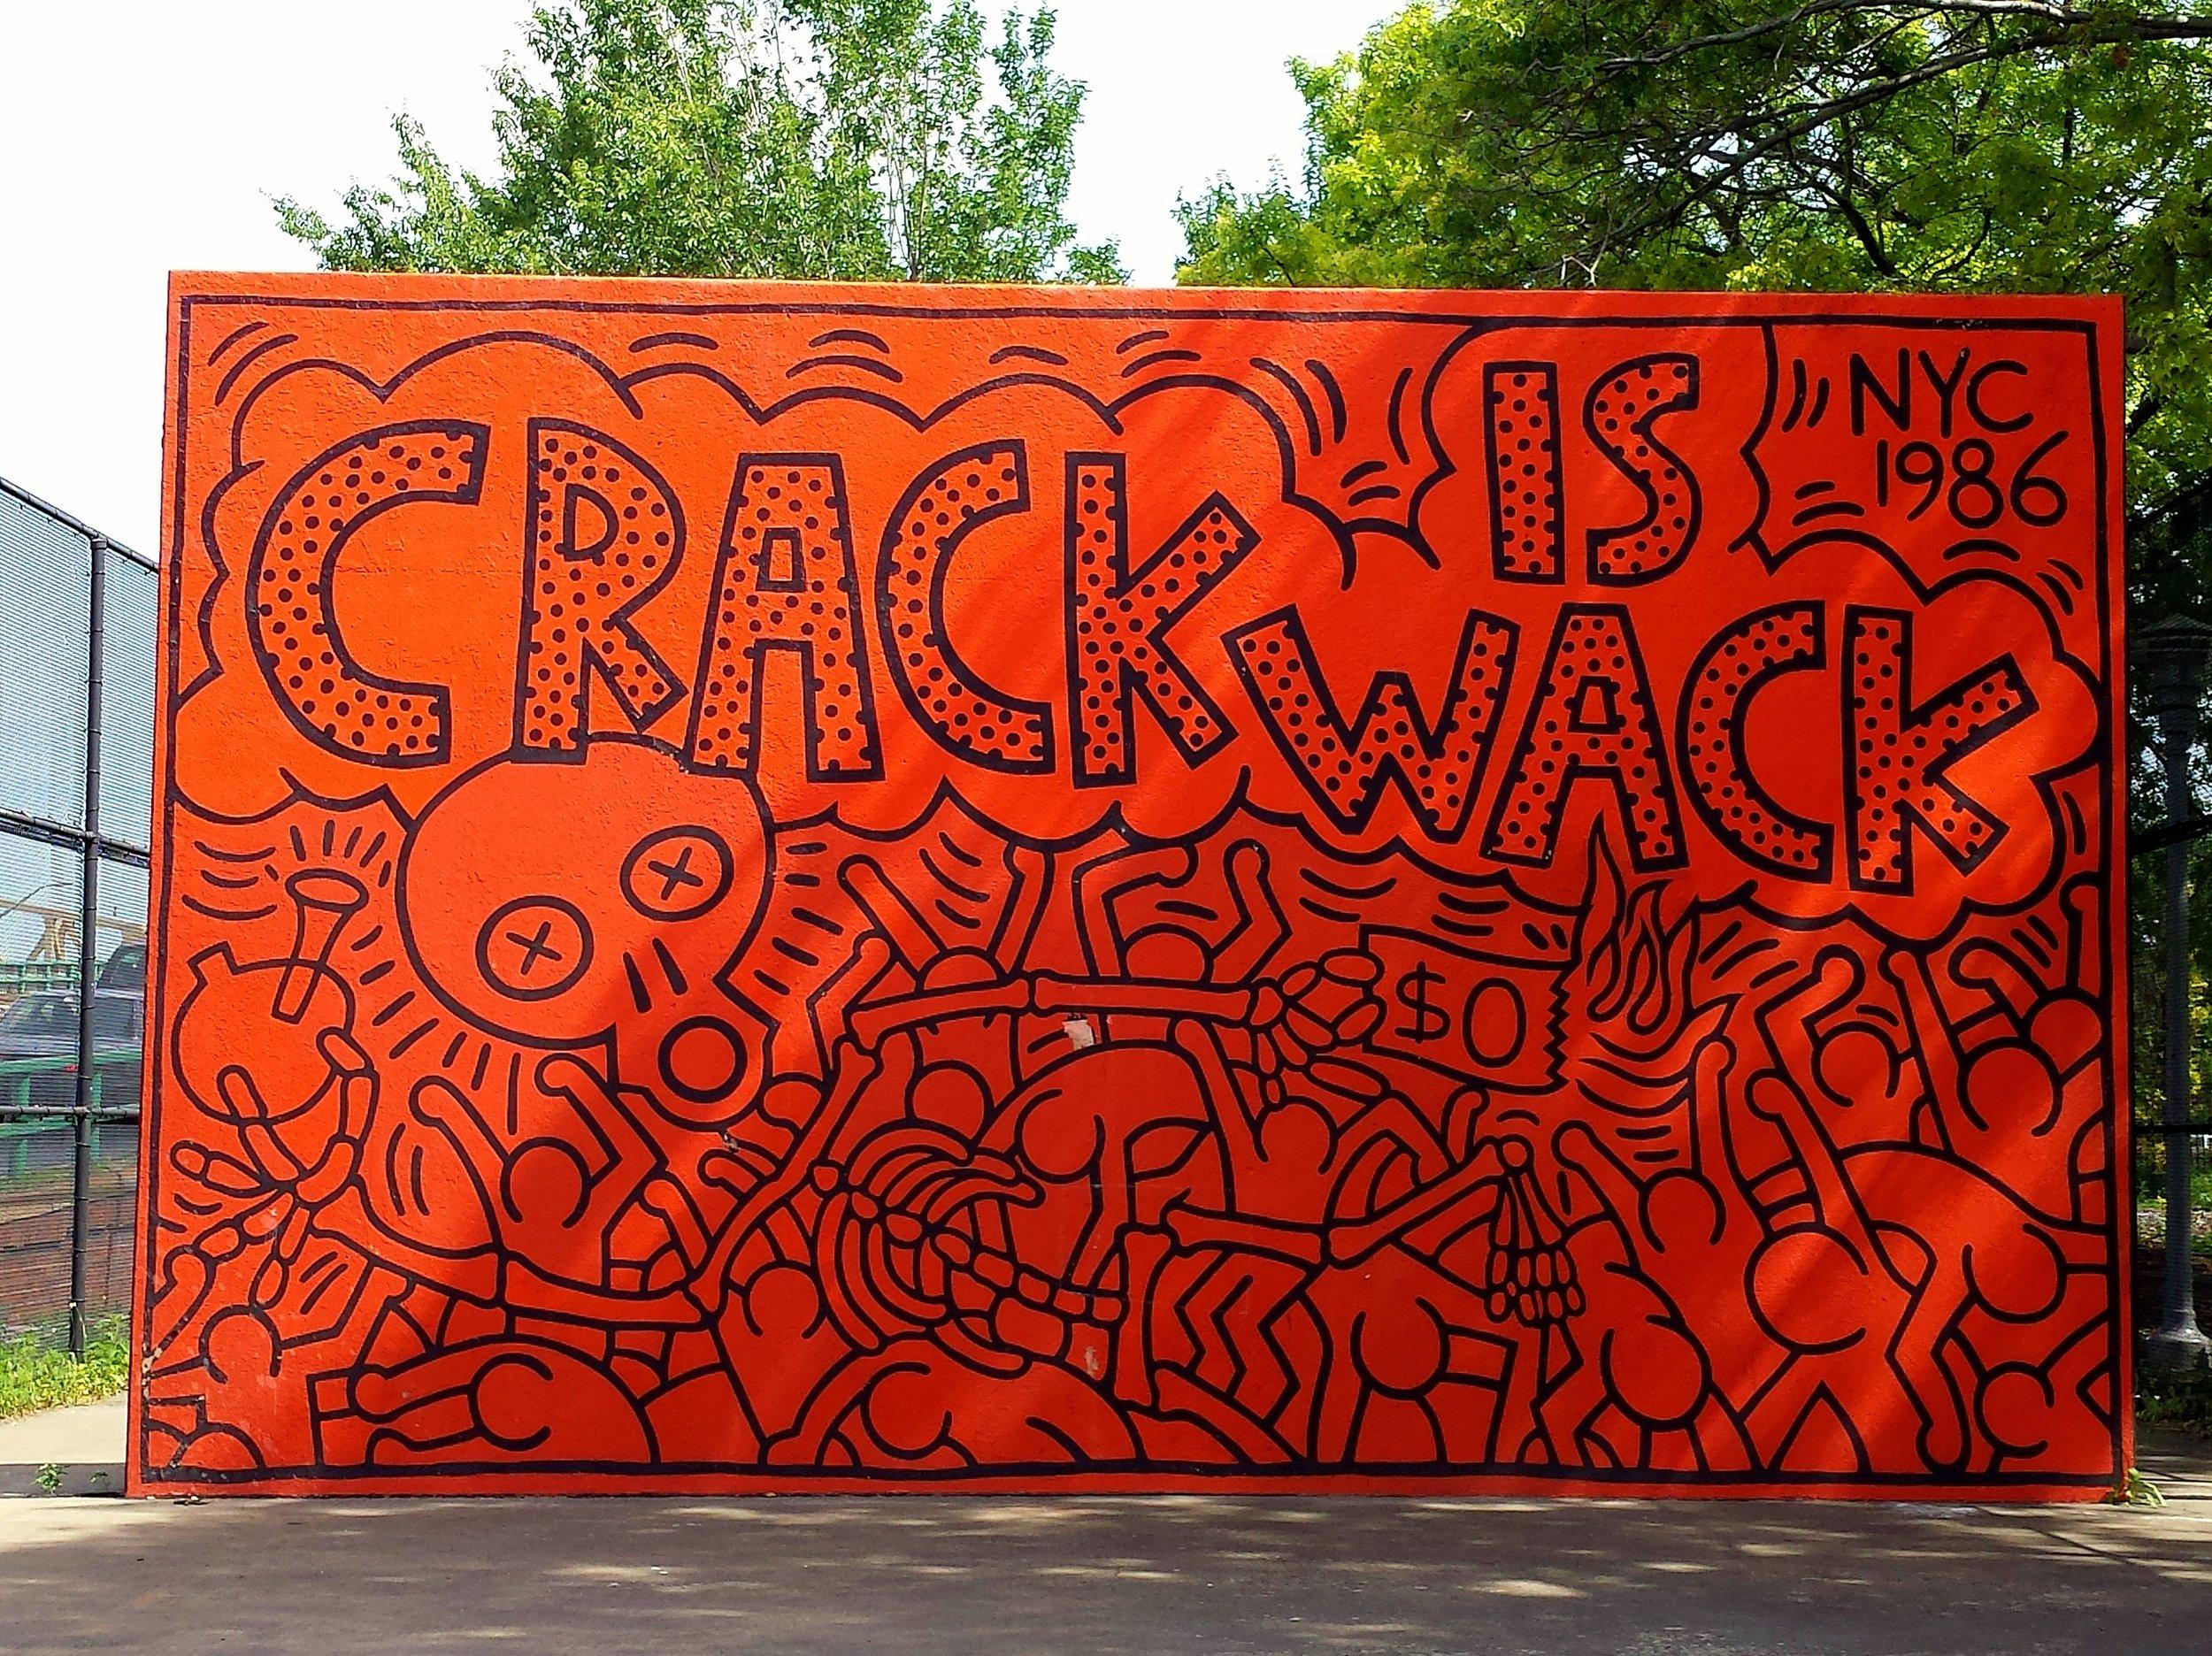 Графіті Кіта Харінга «Crack is Wack» відреставрують